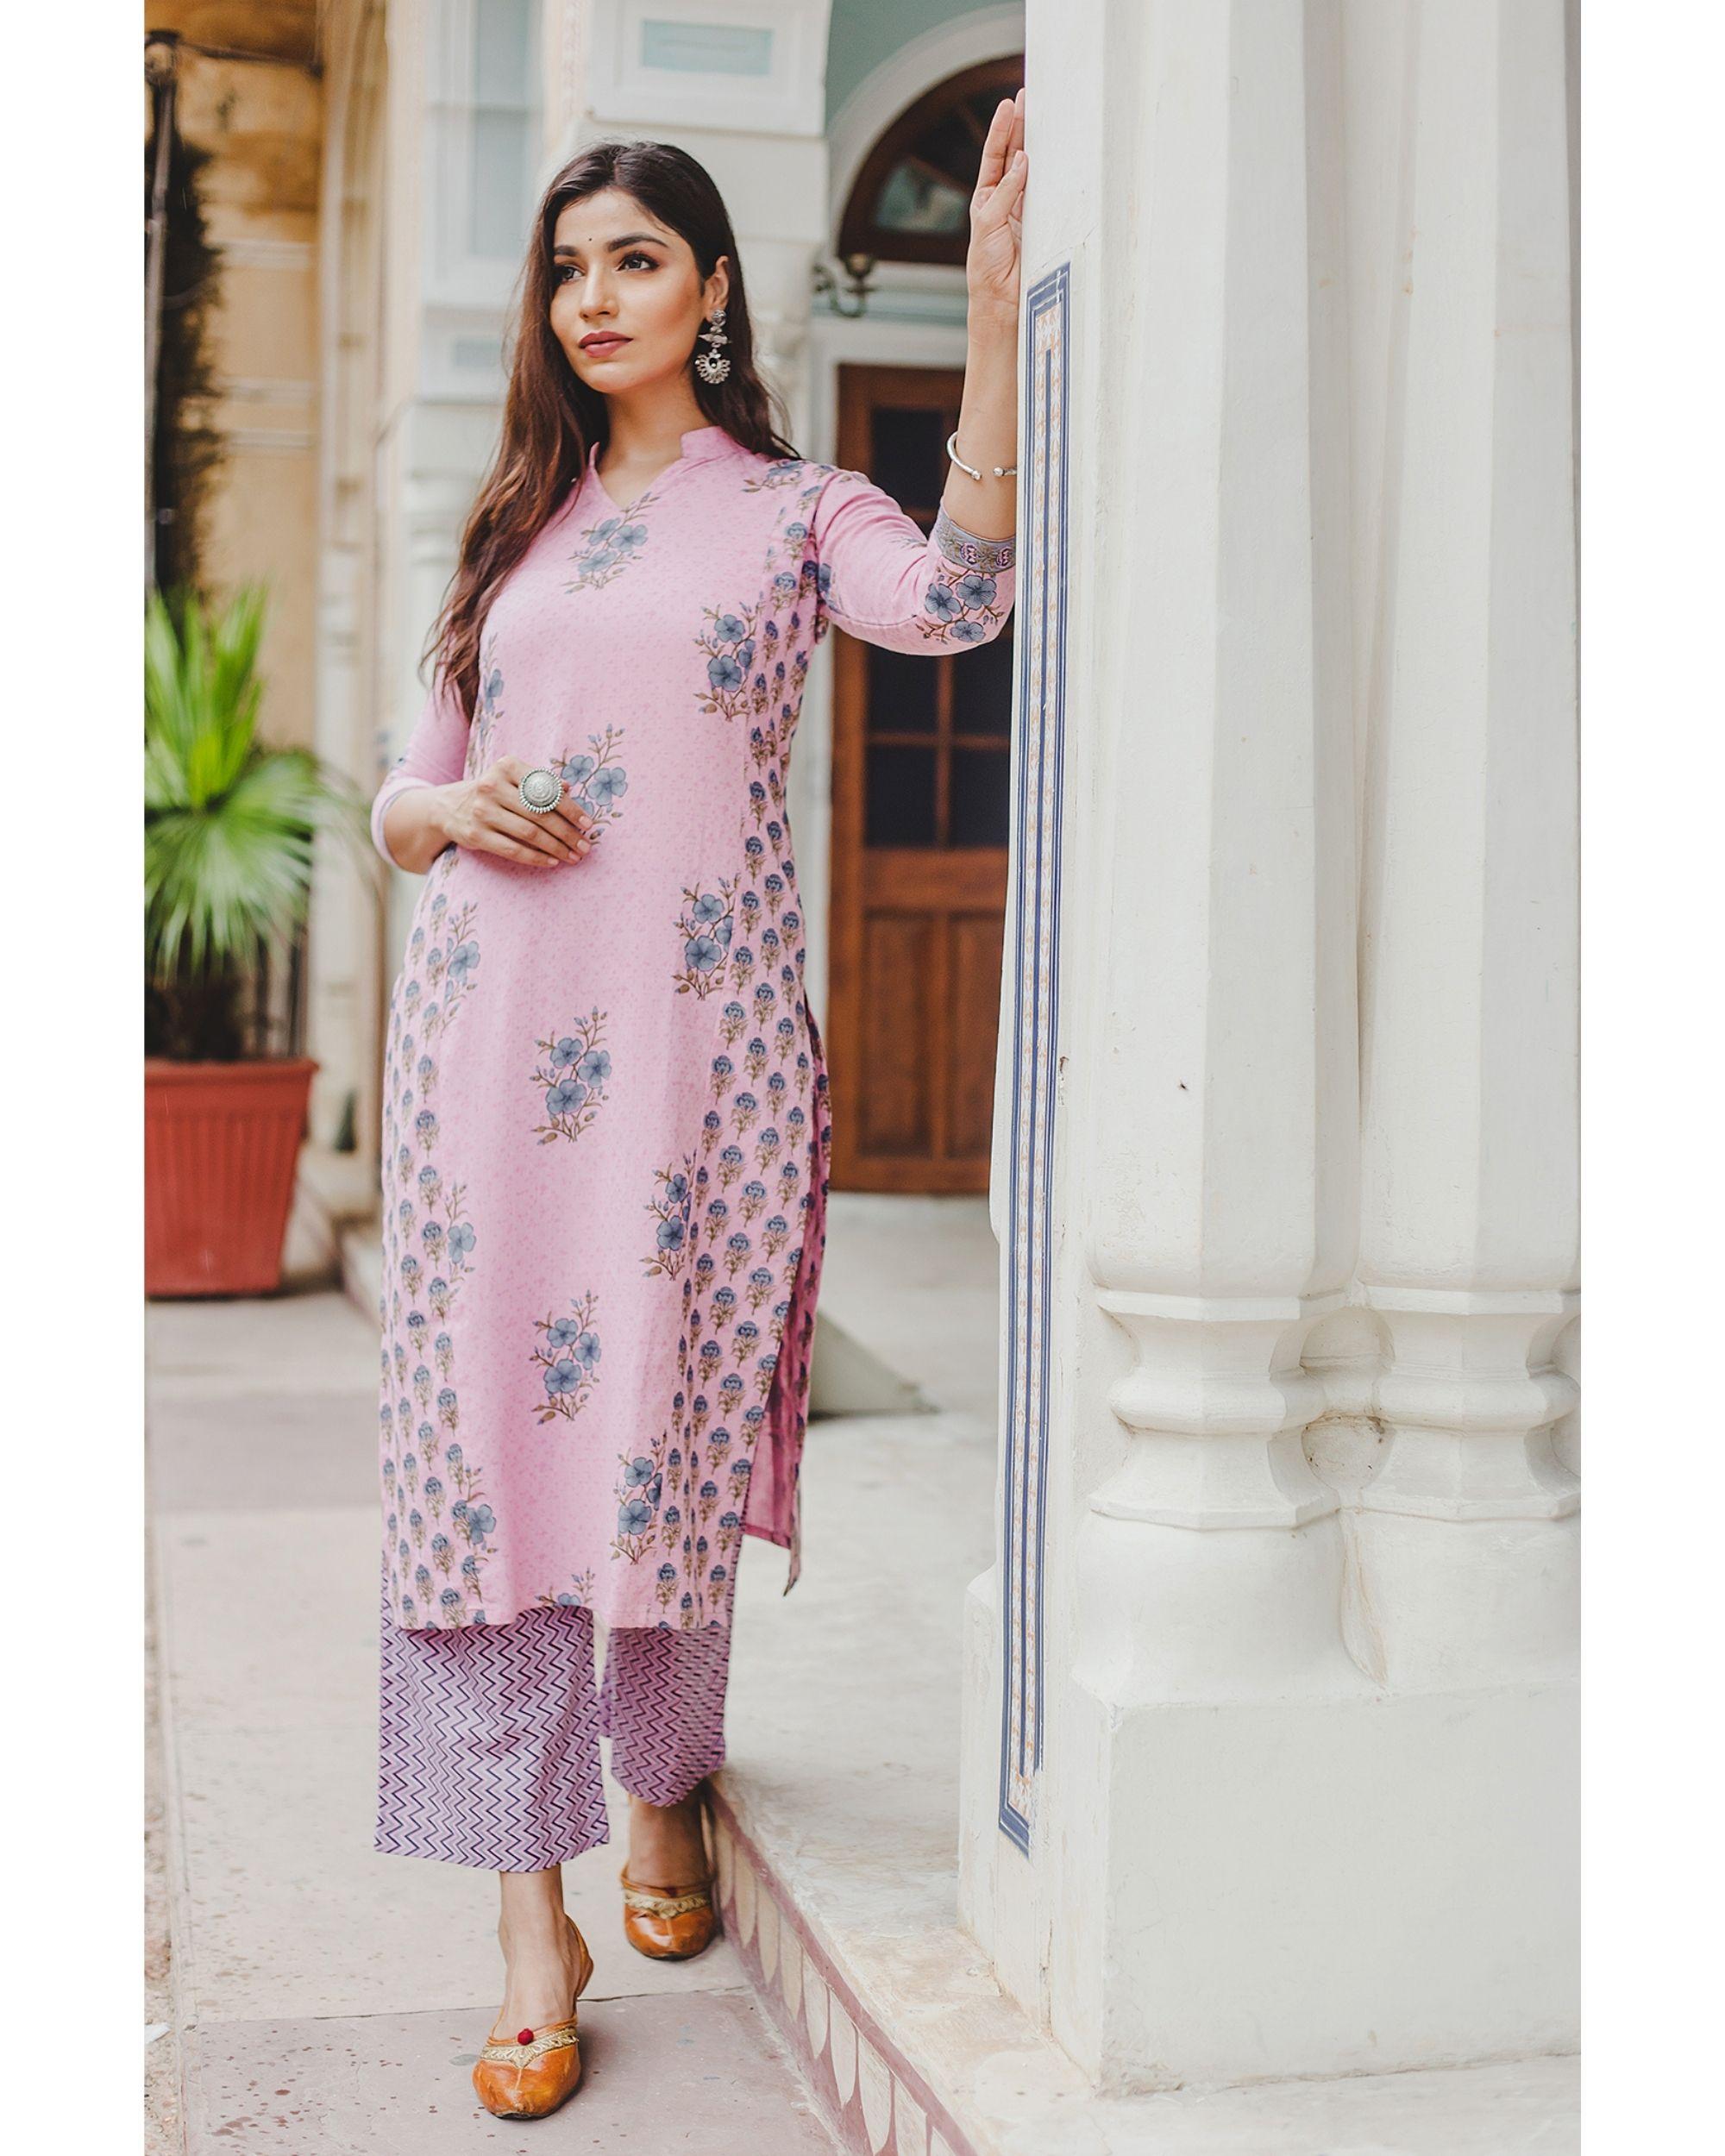 Blush pink mughal butta hand block printed kurta and palazzo set - set of two